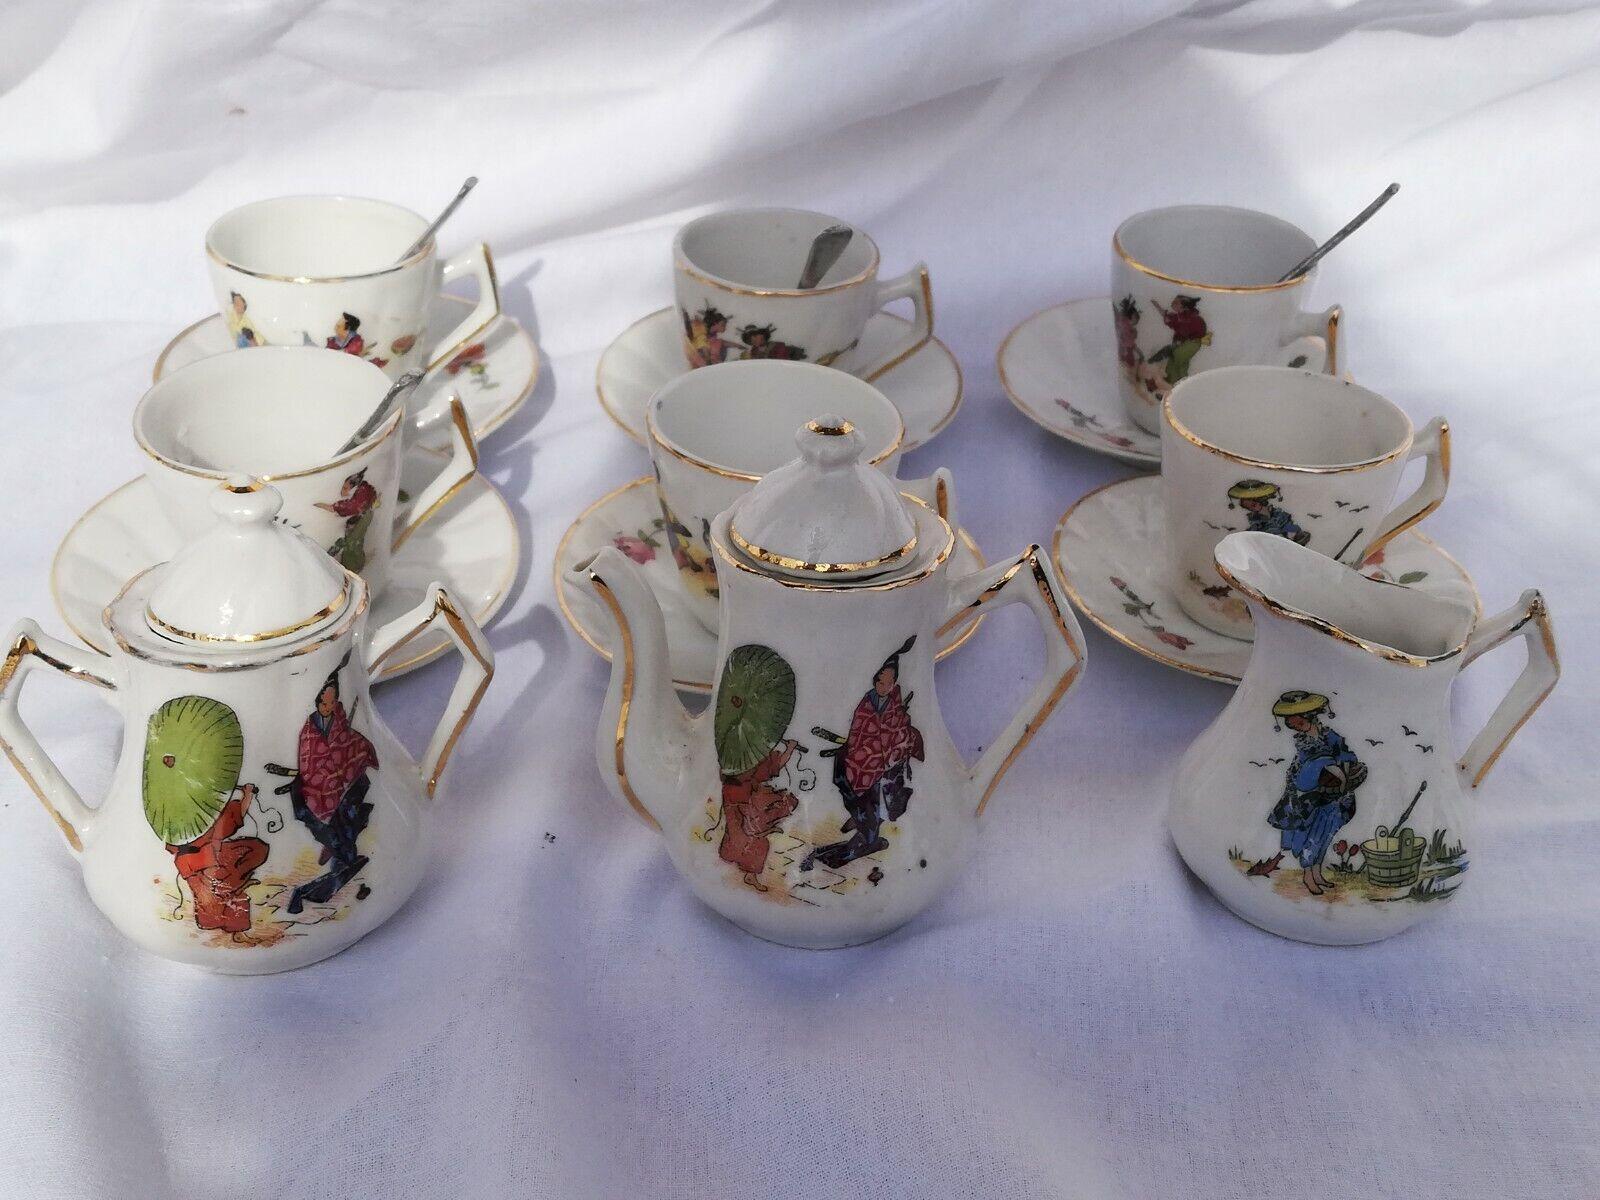 Dinette ancienne porcelaine japonisante 1900